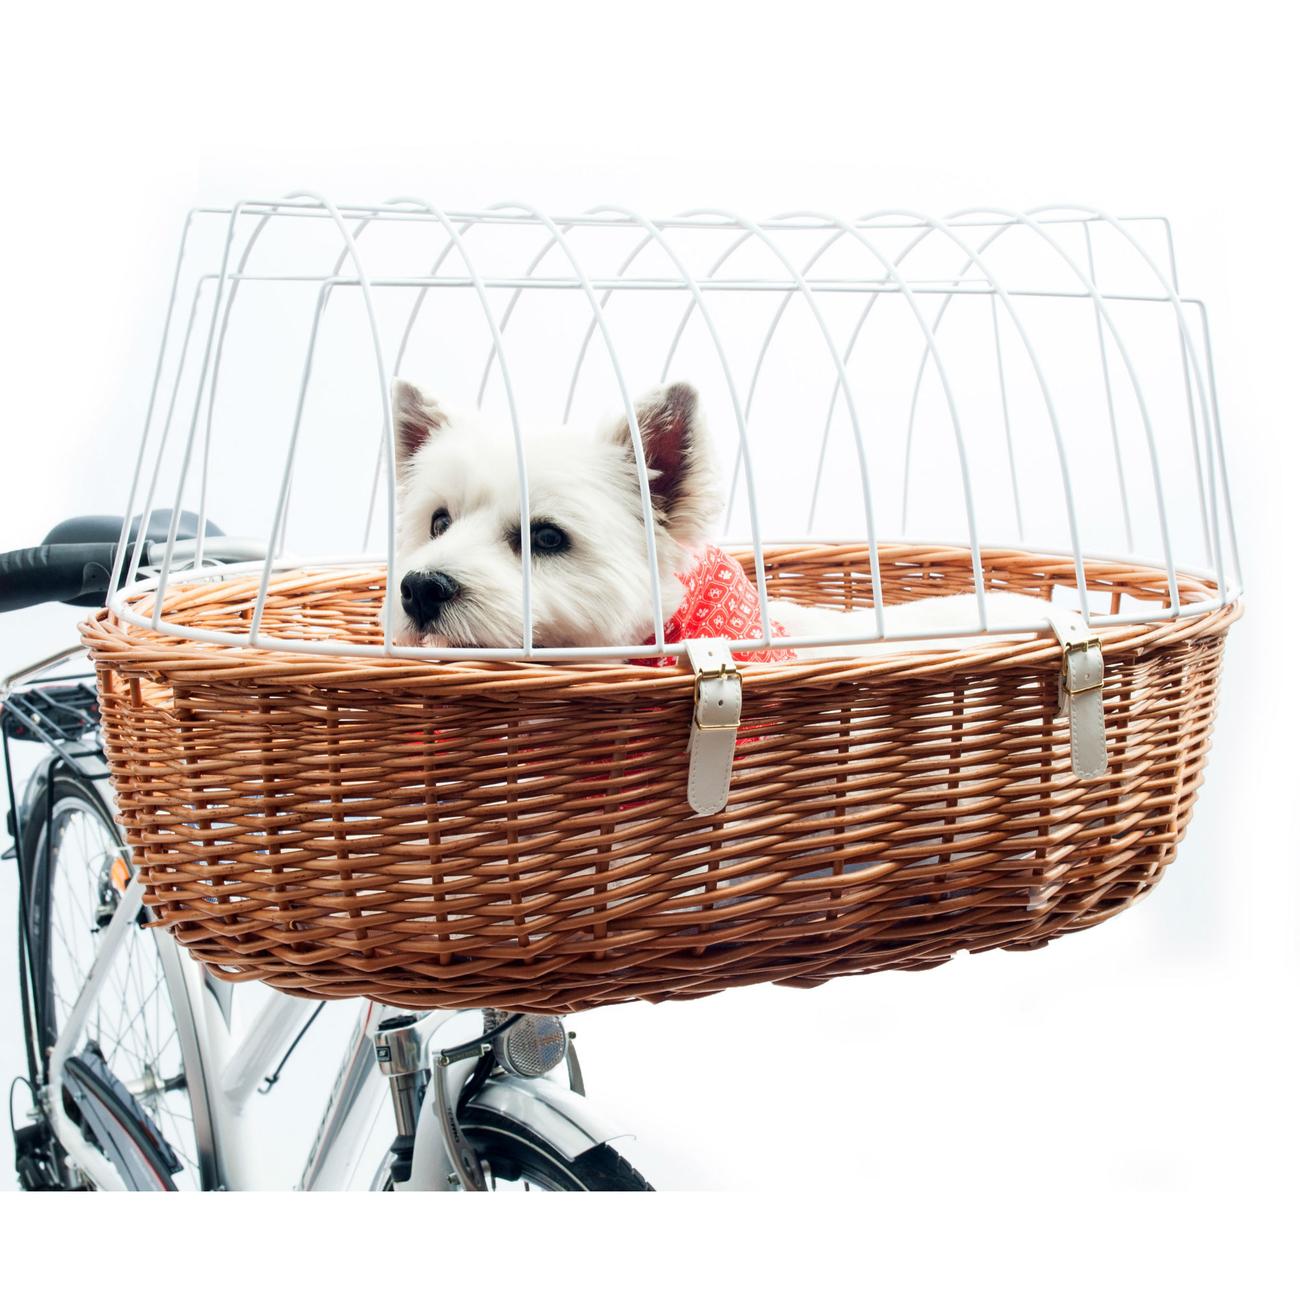 Aumüller Hundefahrradkorb Steuerkopfmontage vorne von Aumüller, Bild 2